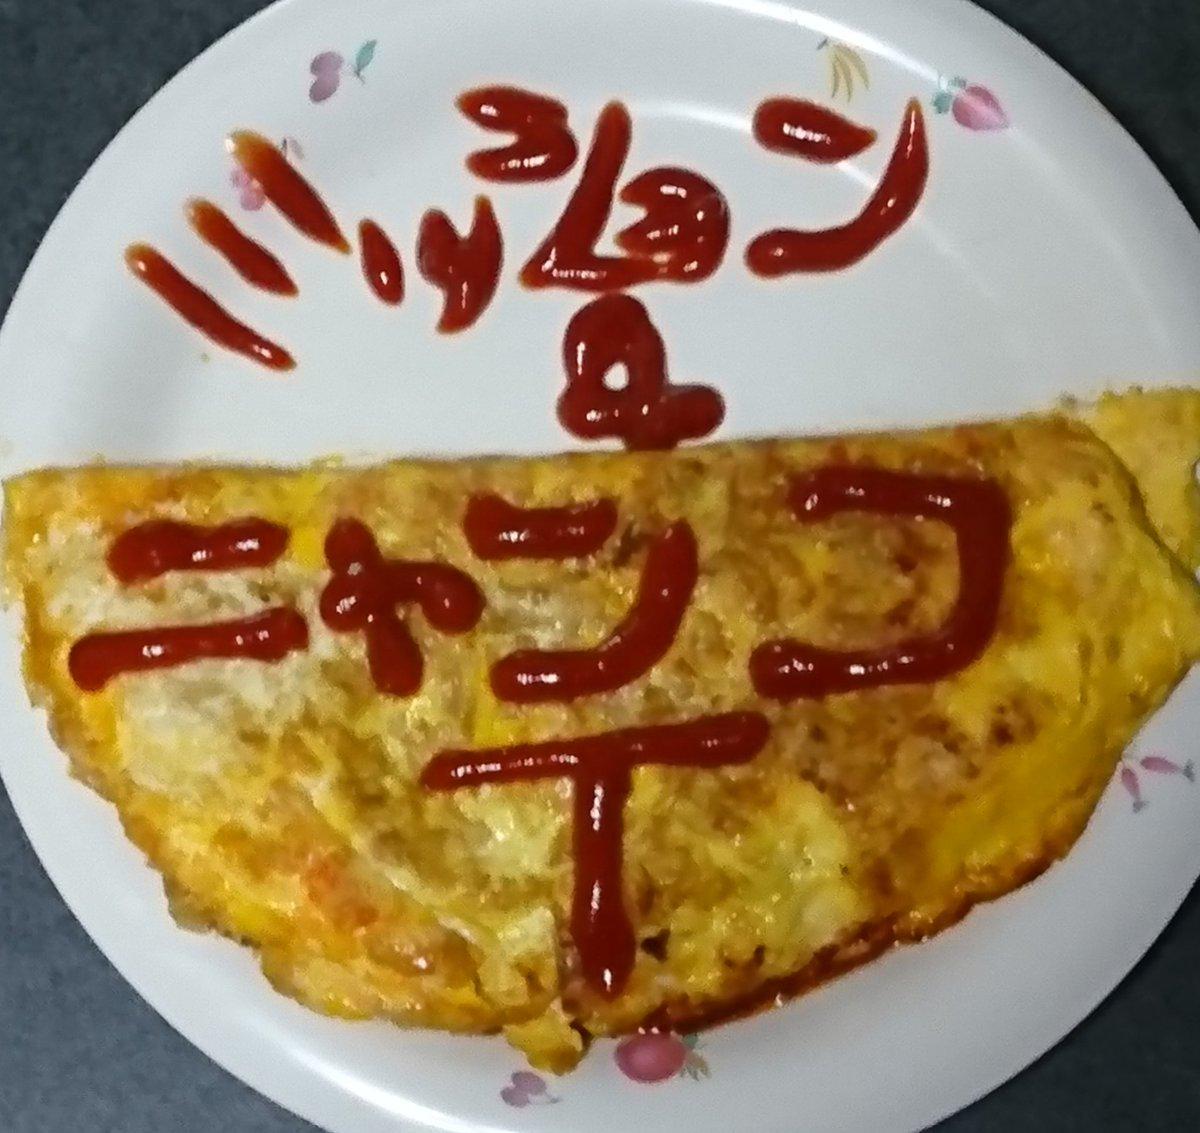 #33fan #33omu #にゃんこT  夜食 にゃんこT オムレツ 当たるといいな🤗